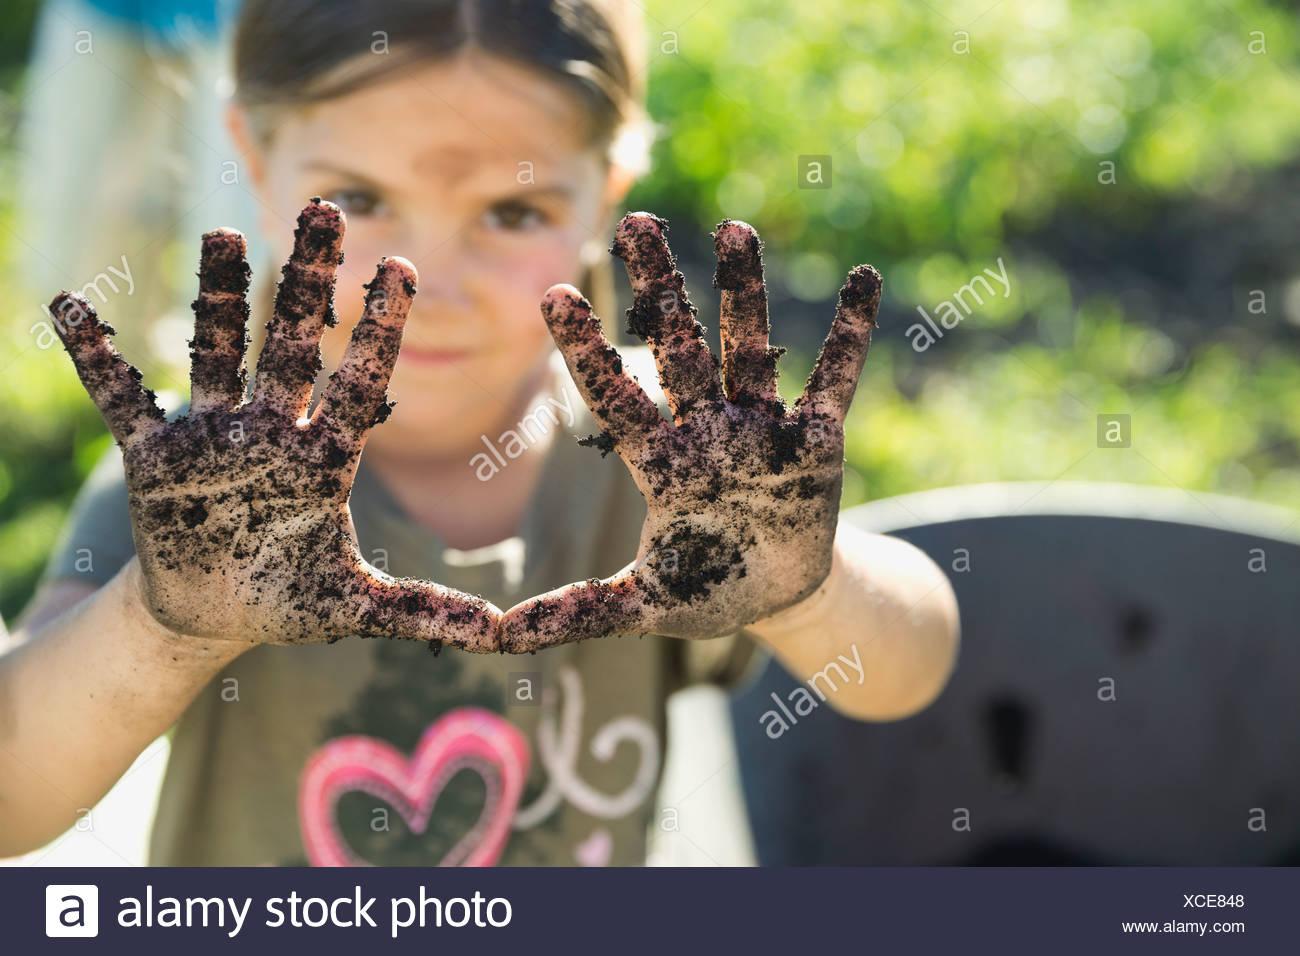 Little girl showing hands full of garden dirt - Stock Image